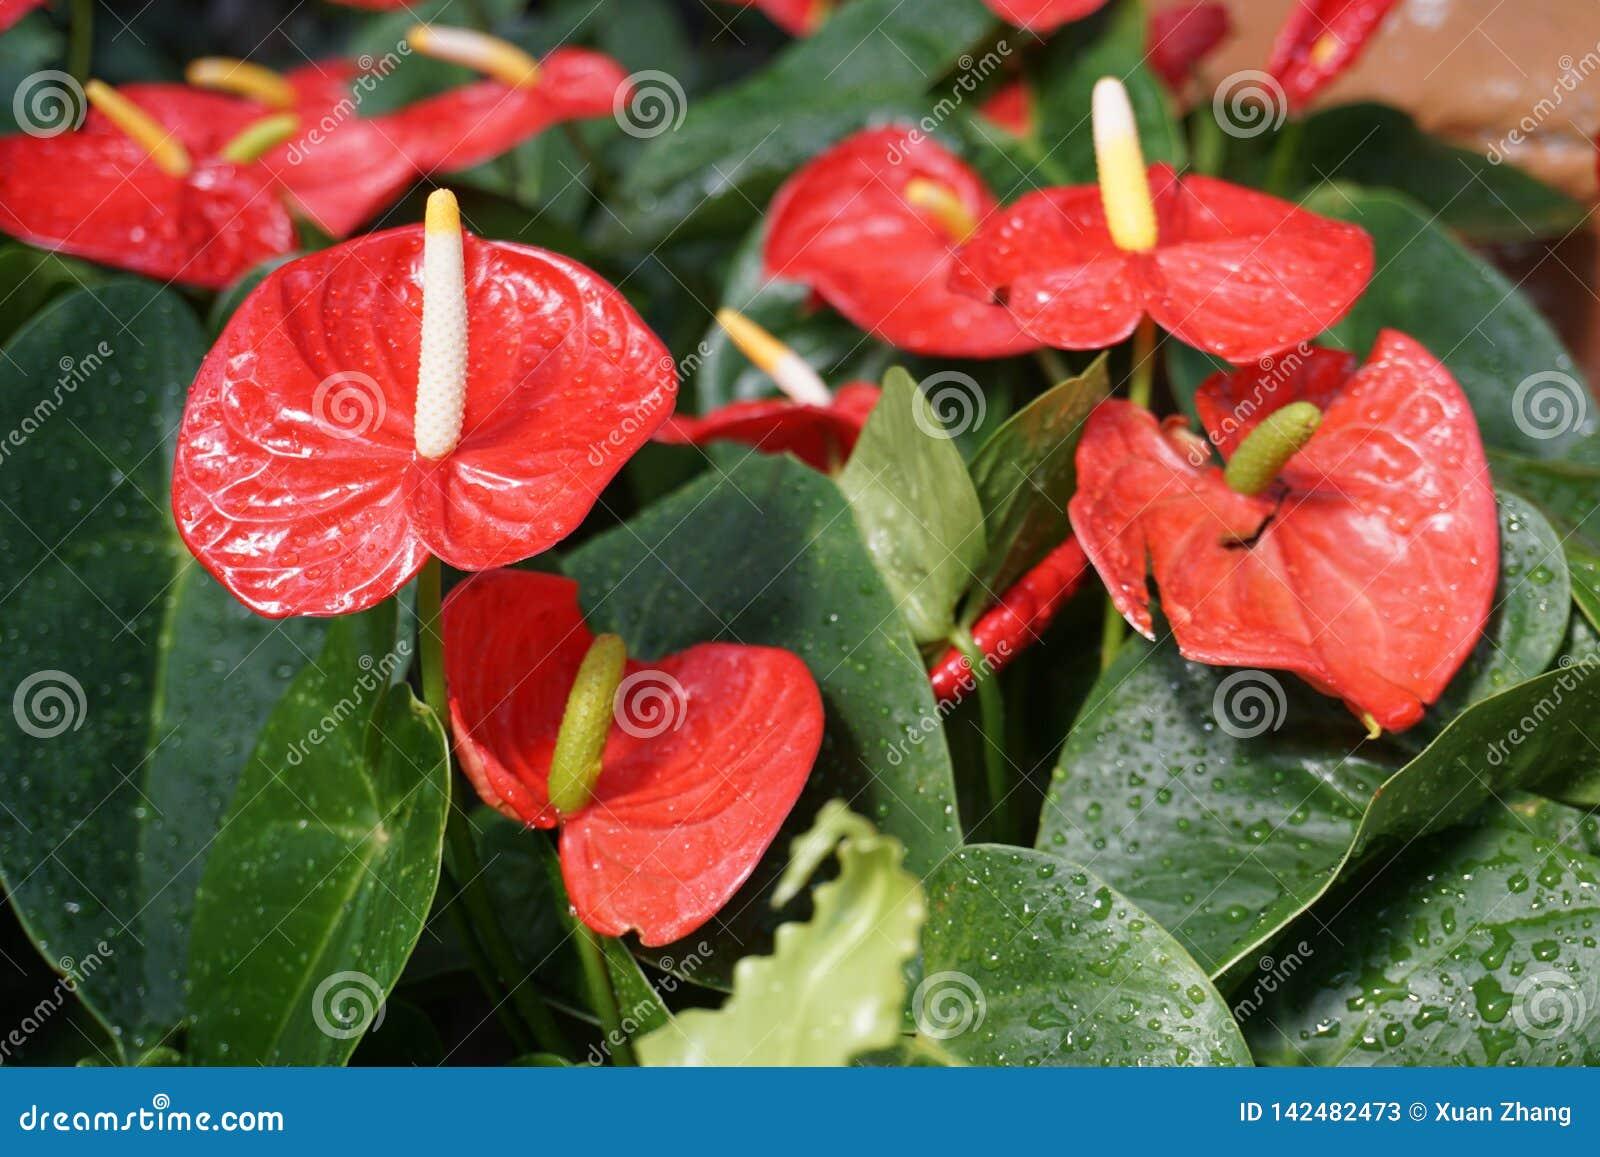 Denna är en blomma som kallas anthuriumen